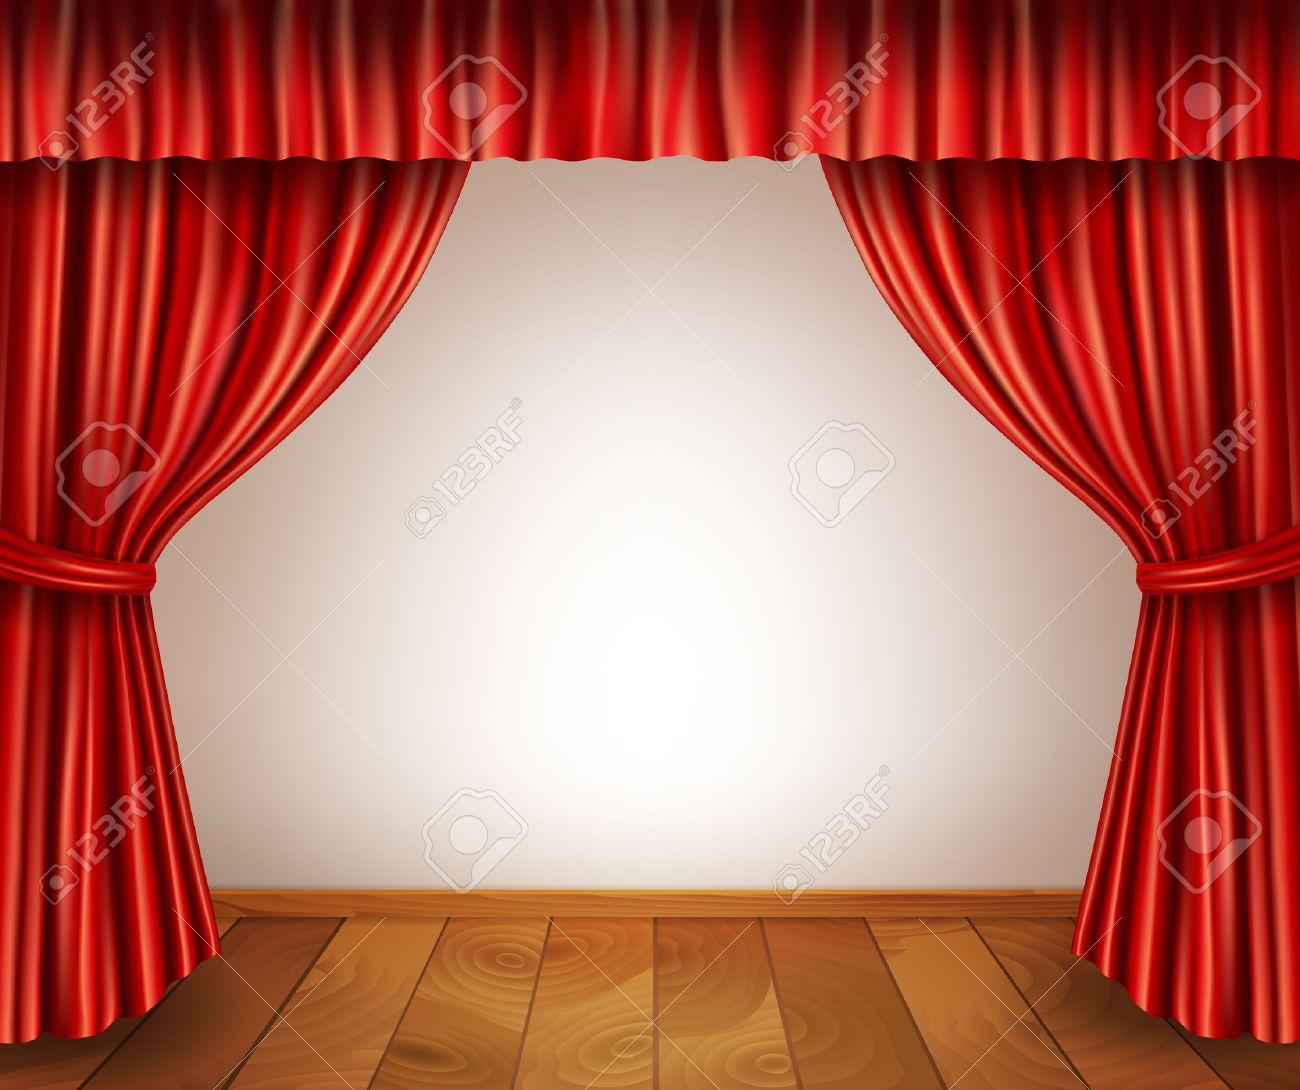 scene de theatre avec plancher en bois de velours rideau rouge retro style ouvert isole sur fond blanc illustration vectorielle